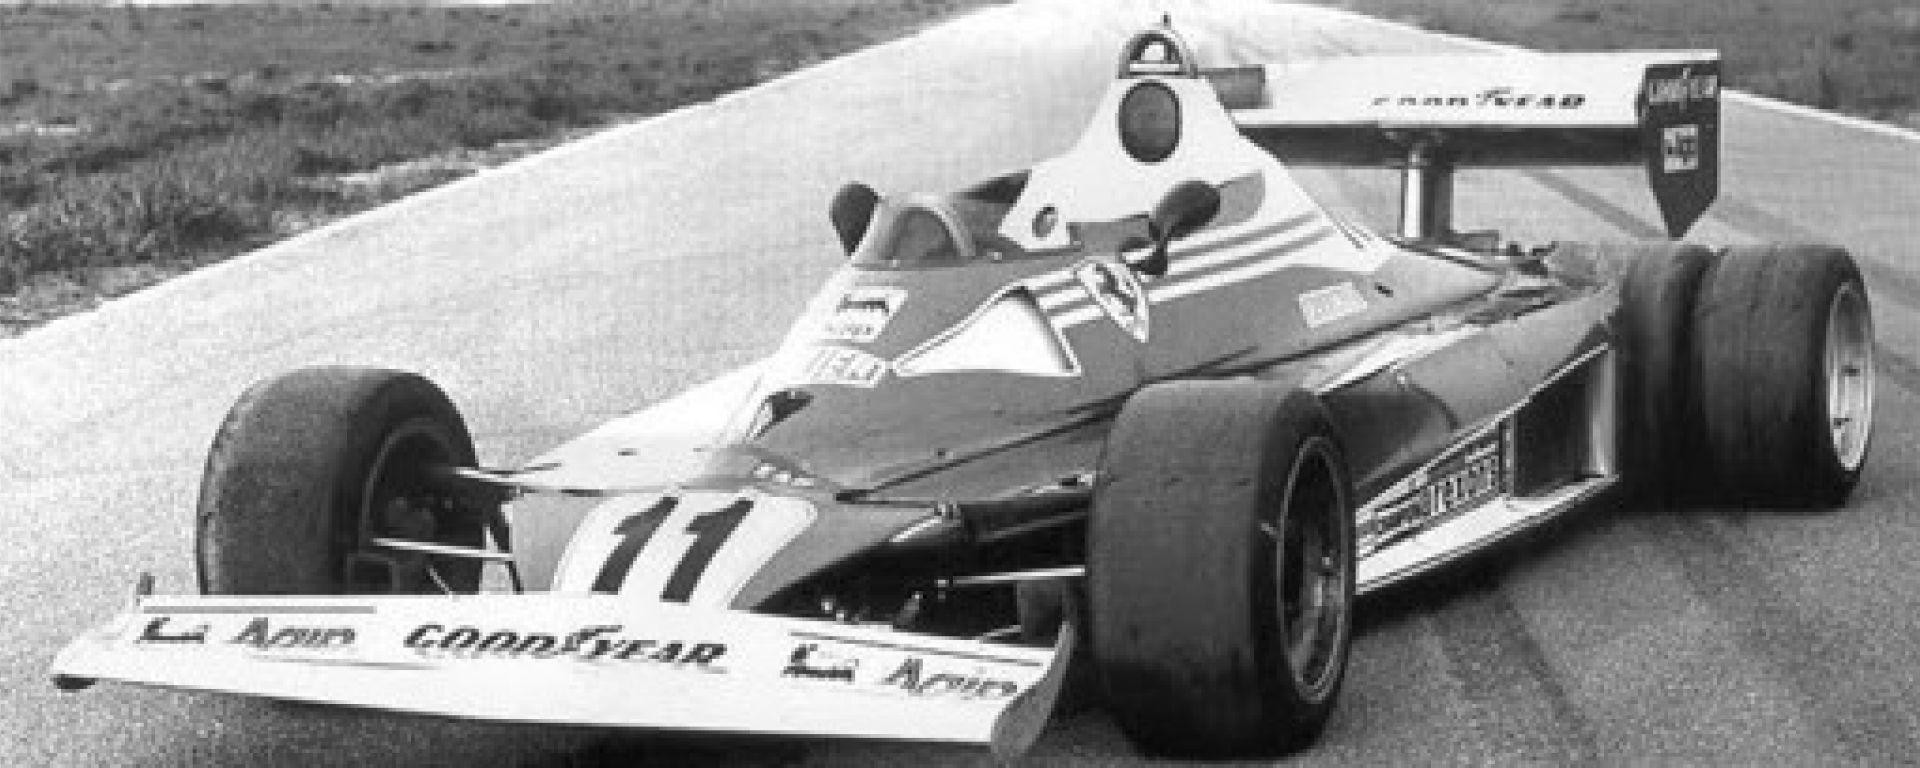 1977, il prototipo Ferrari 312 T6 in pista a Nardò